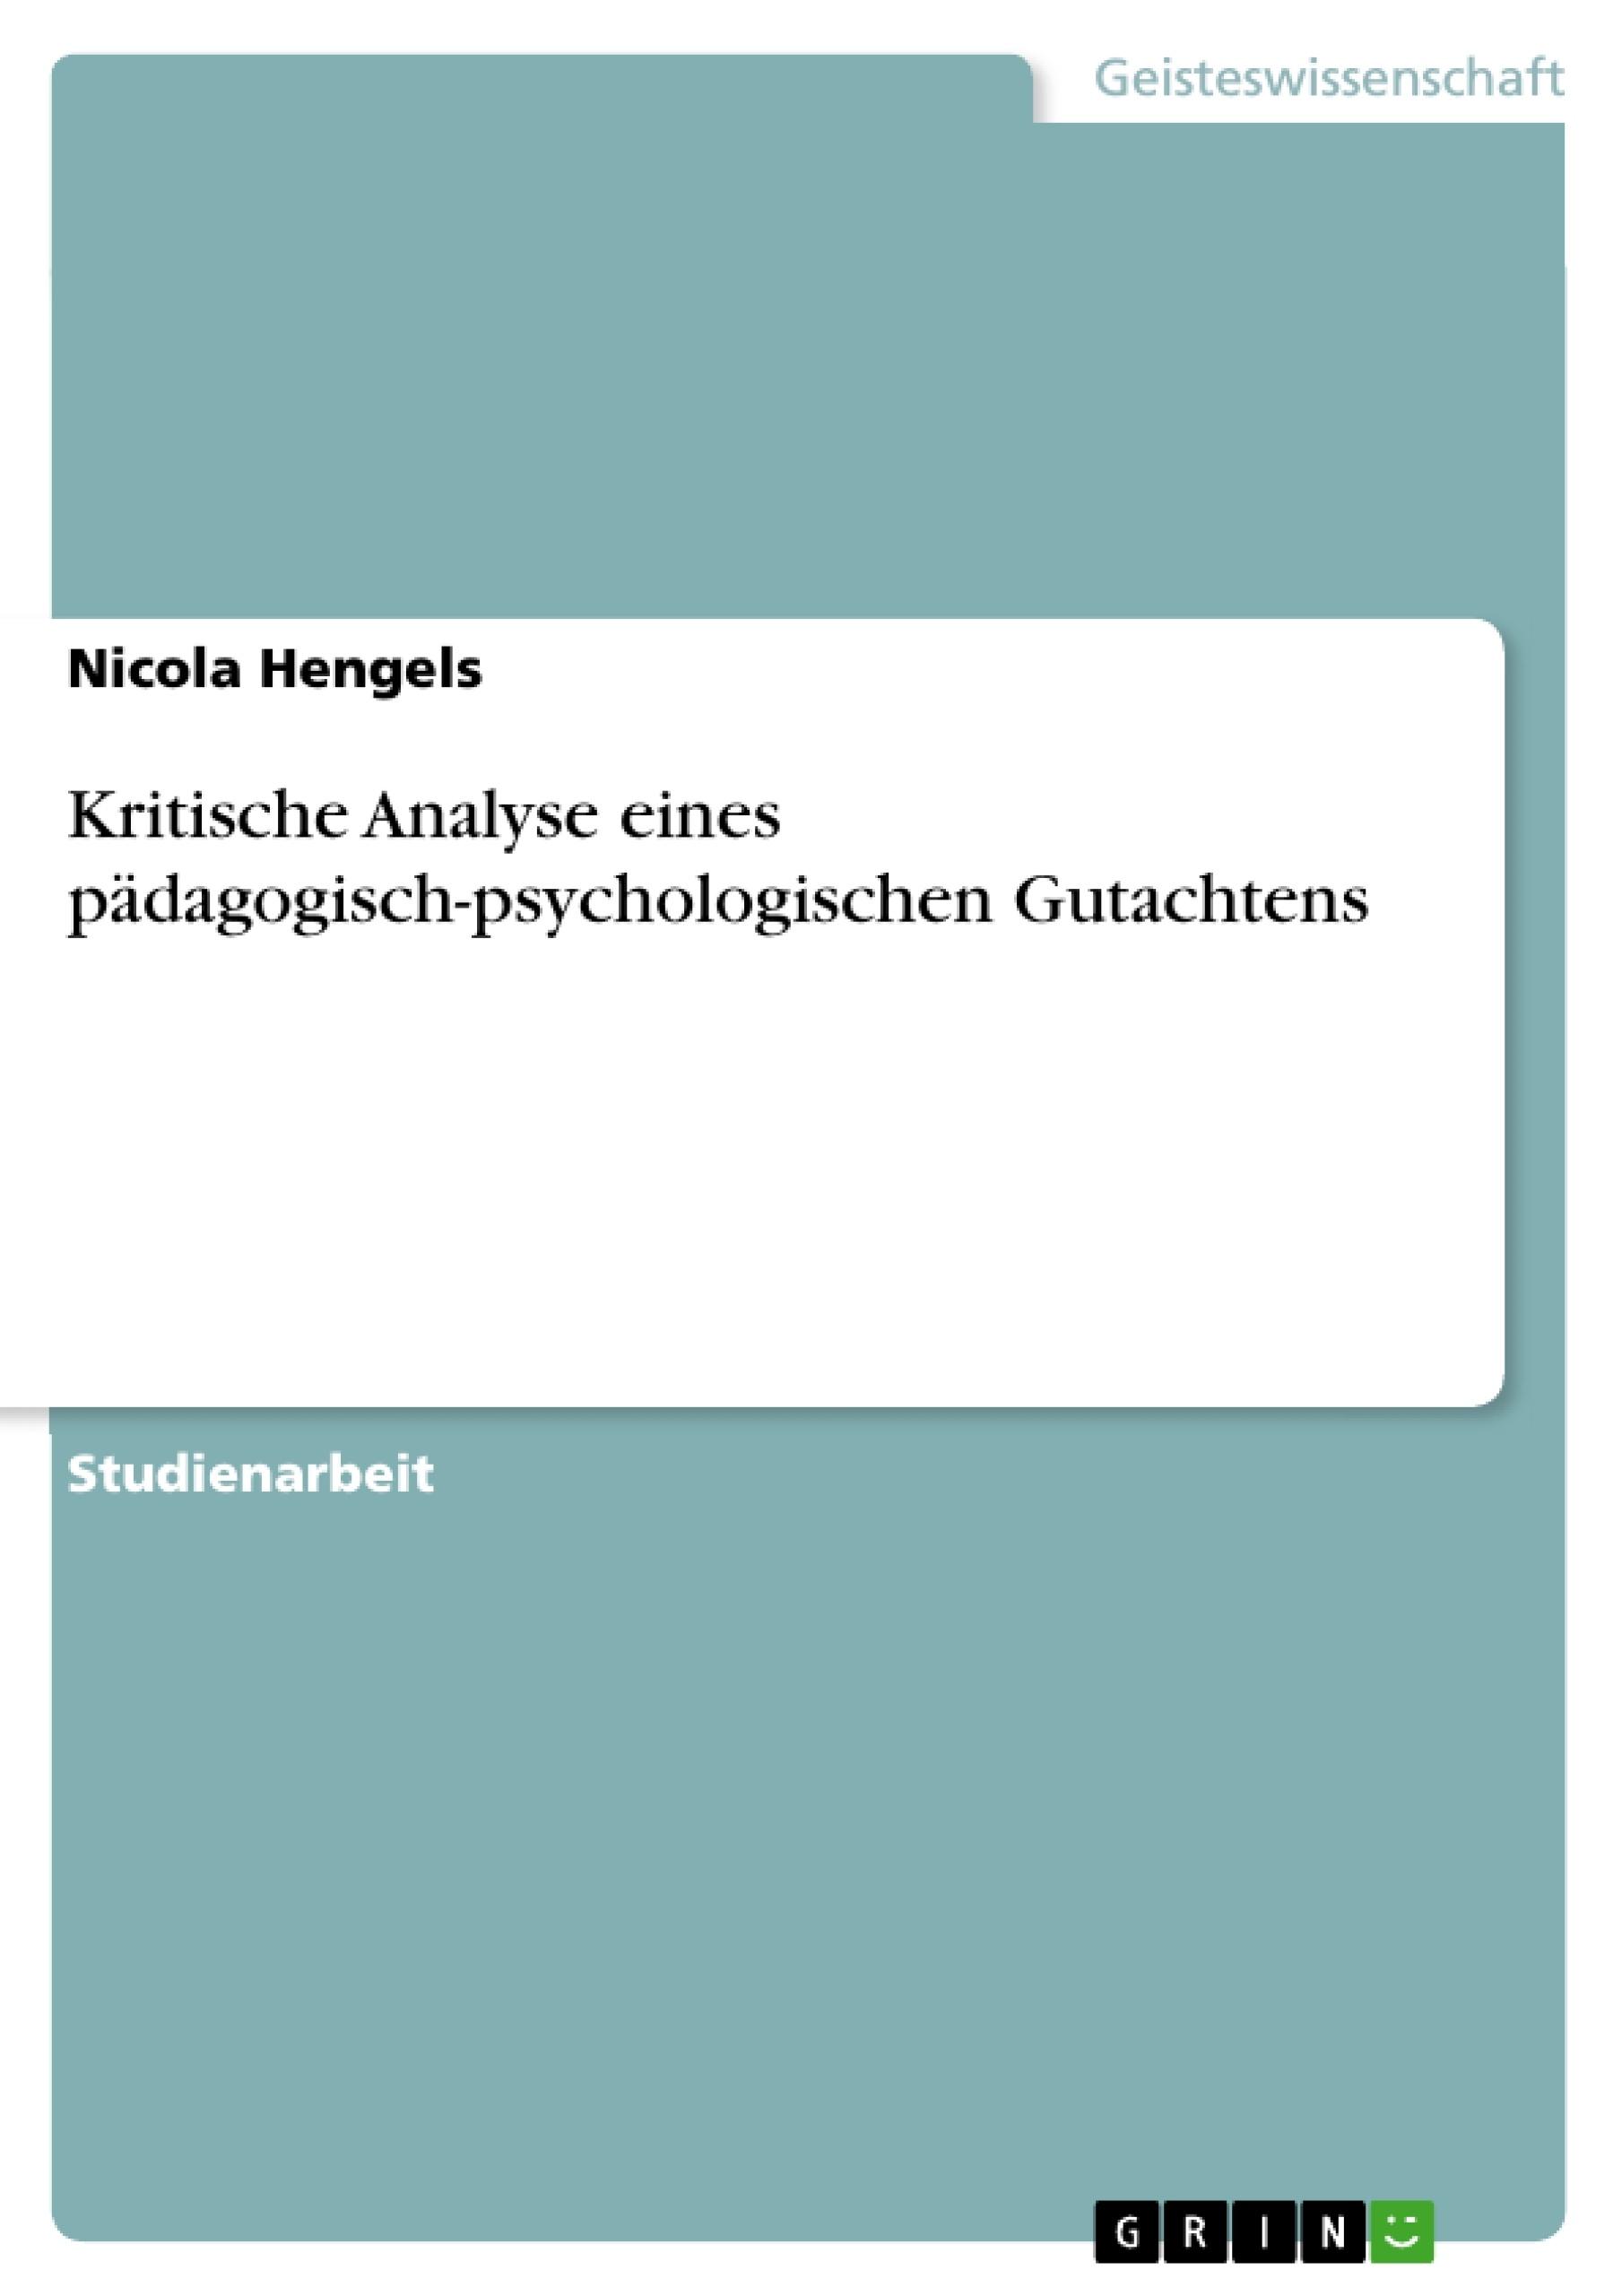 Titel: Kritische Analyse eines pädagogisch-psychologischen Gutachtens